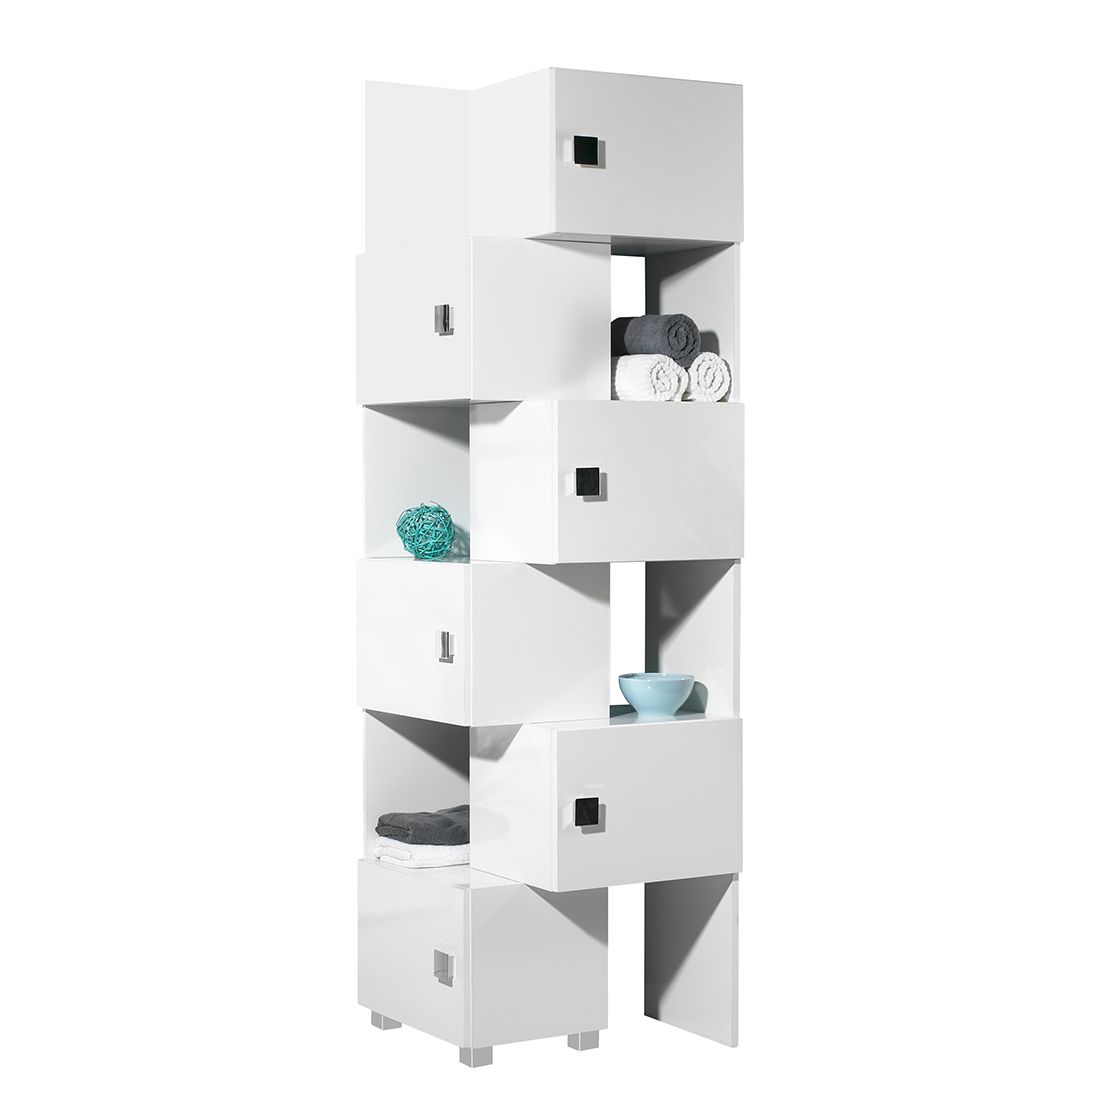 schieberegal genf 2teilig wei hochglanz schrank. Black Bedroom Furniture Sets. Home Design Ideas